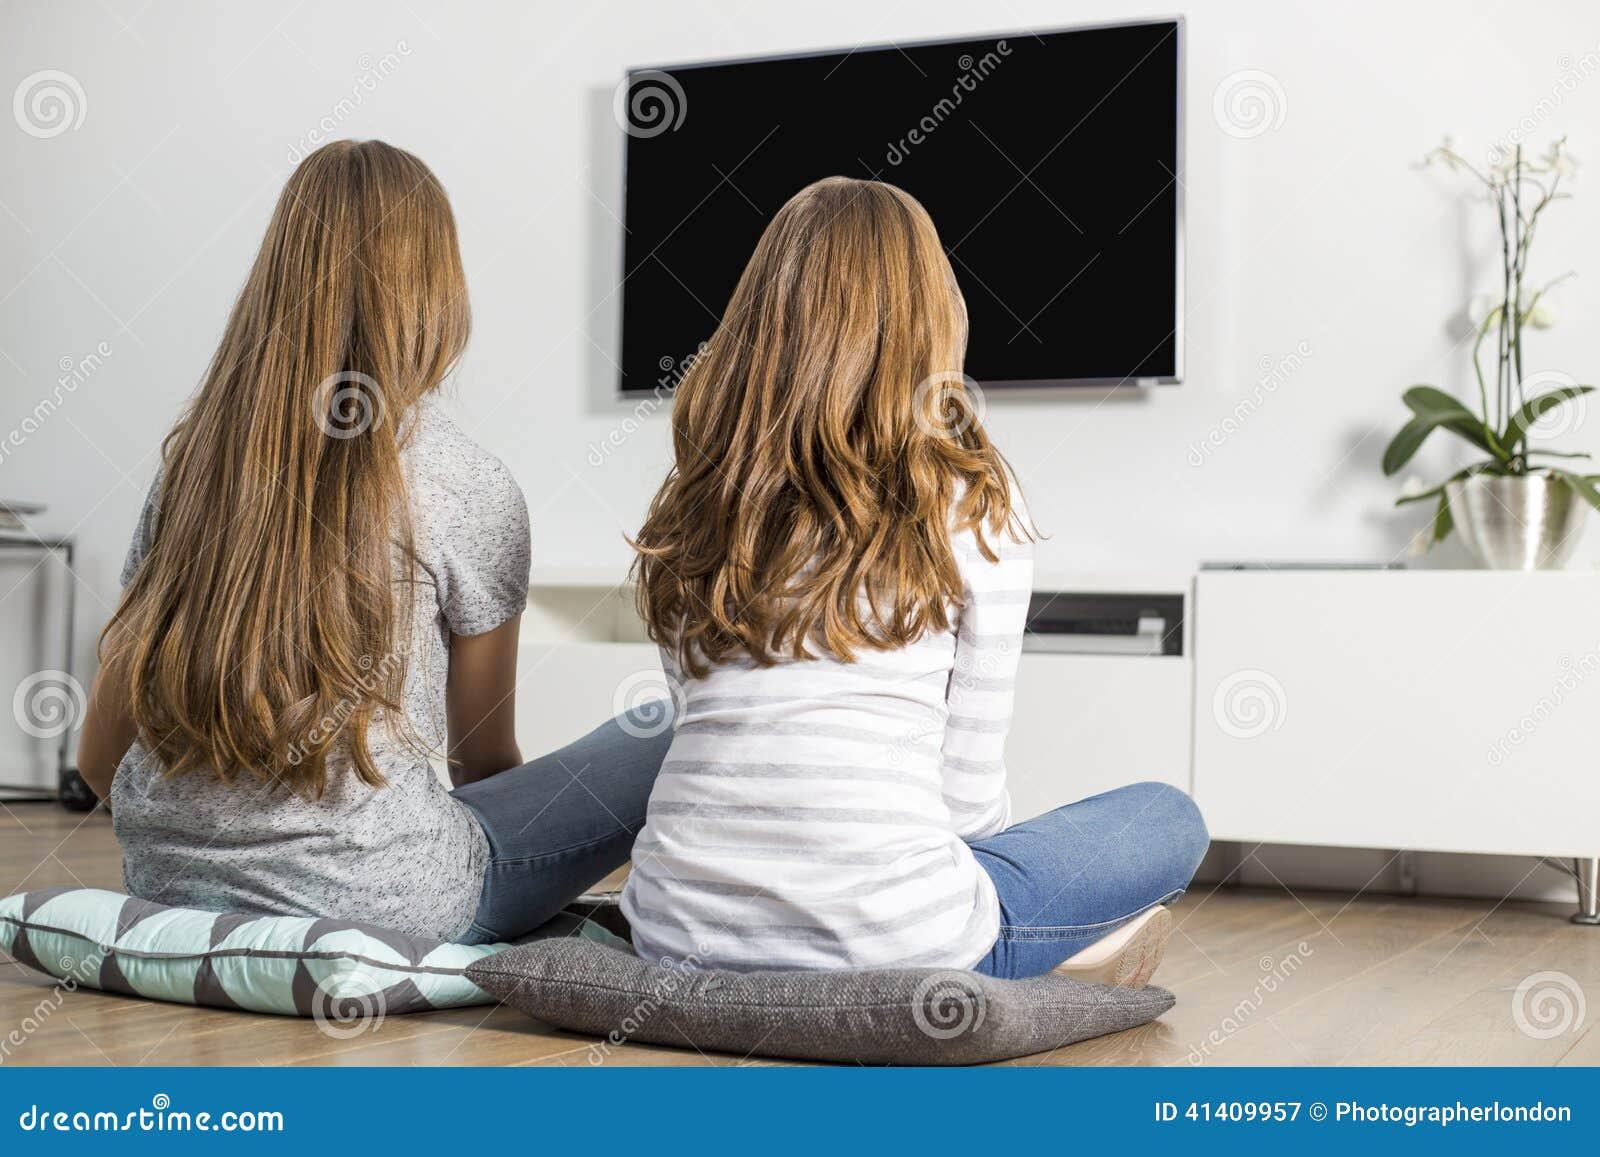 Vue Arriere Des Enfants De Memes Parents Regardant La Tv A La Maison